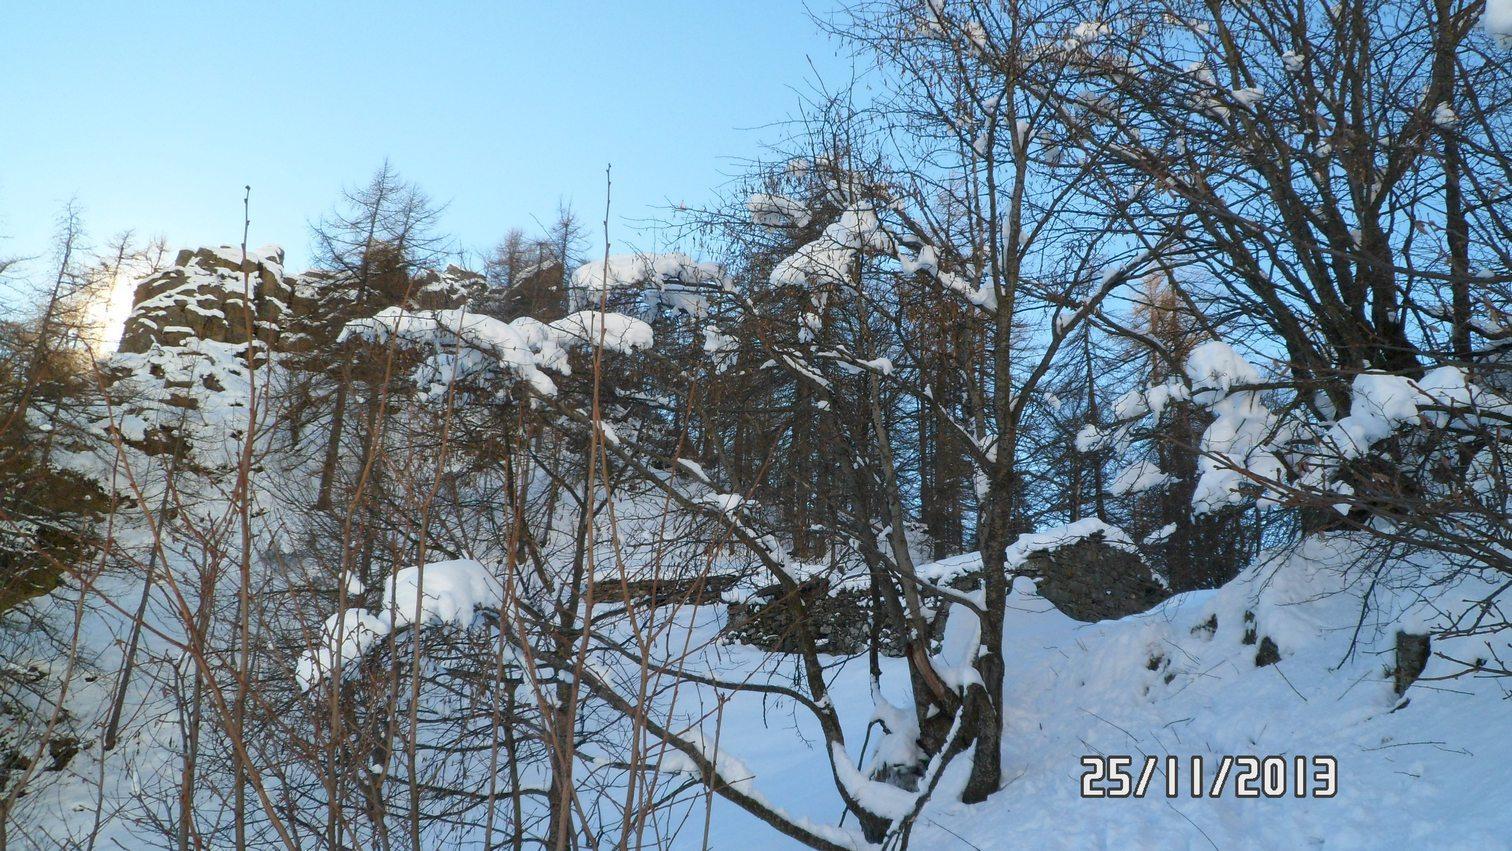 L'alpe Turn